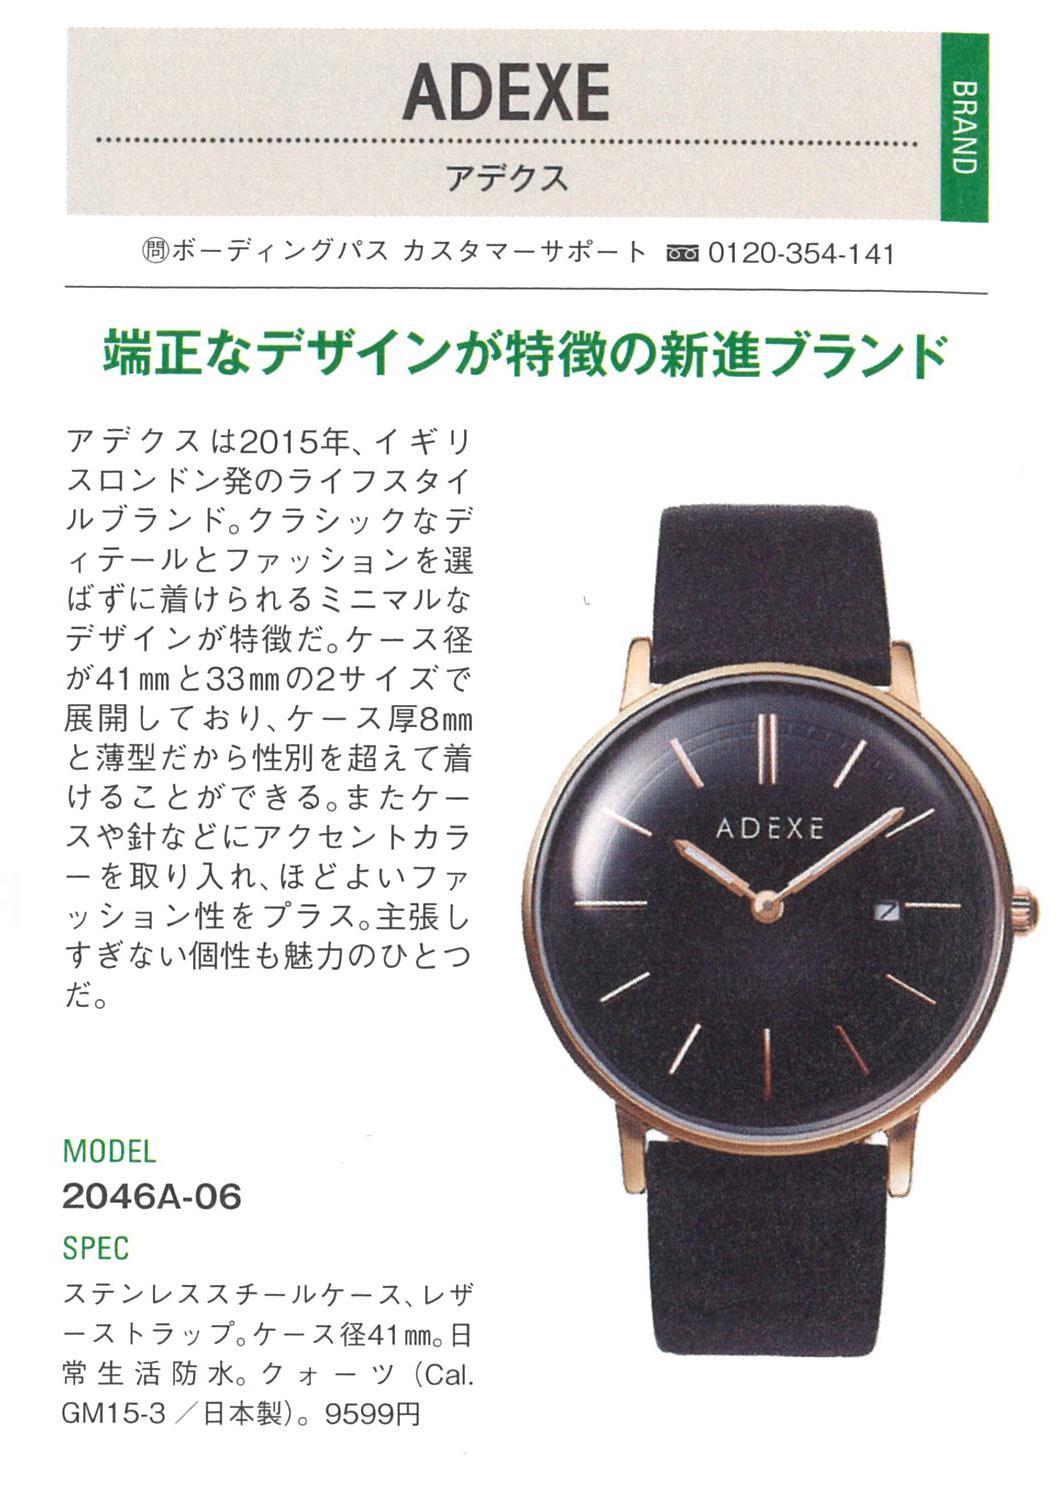 [掲載情報]TimeGear vol.23